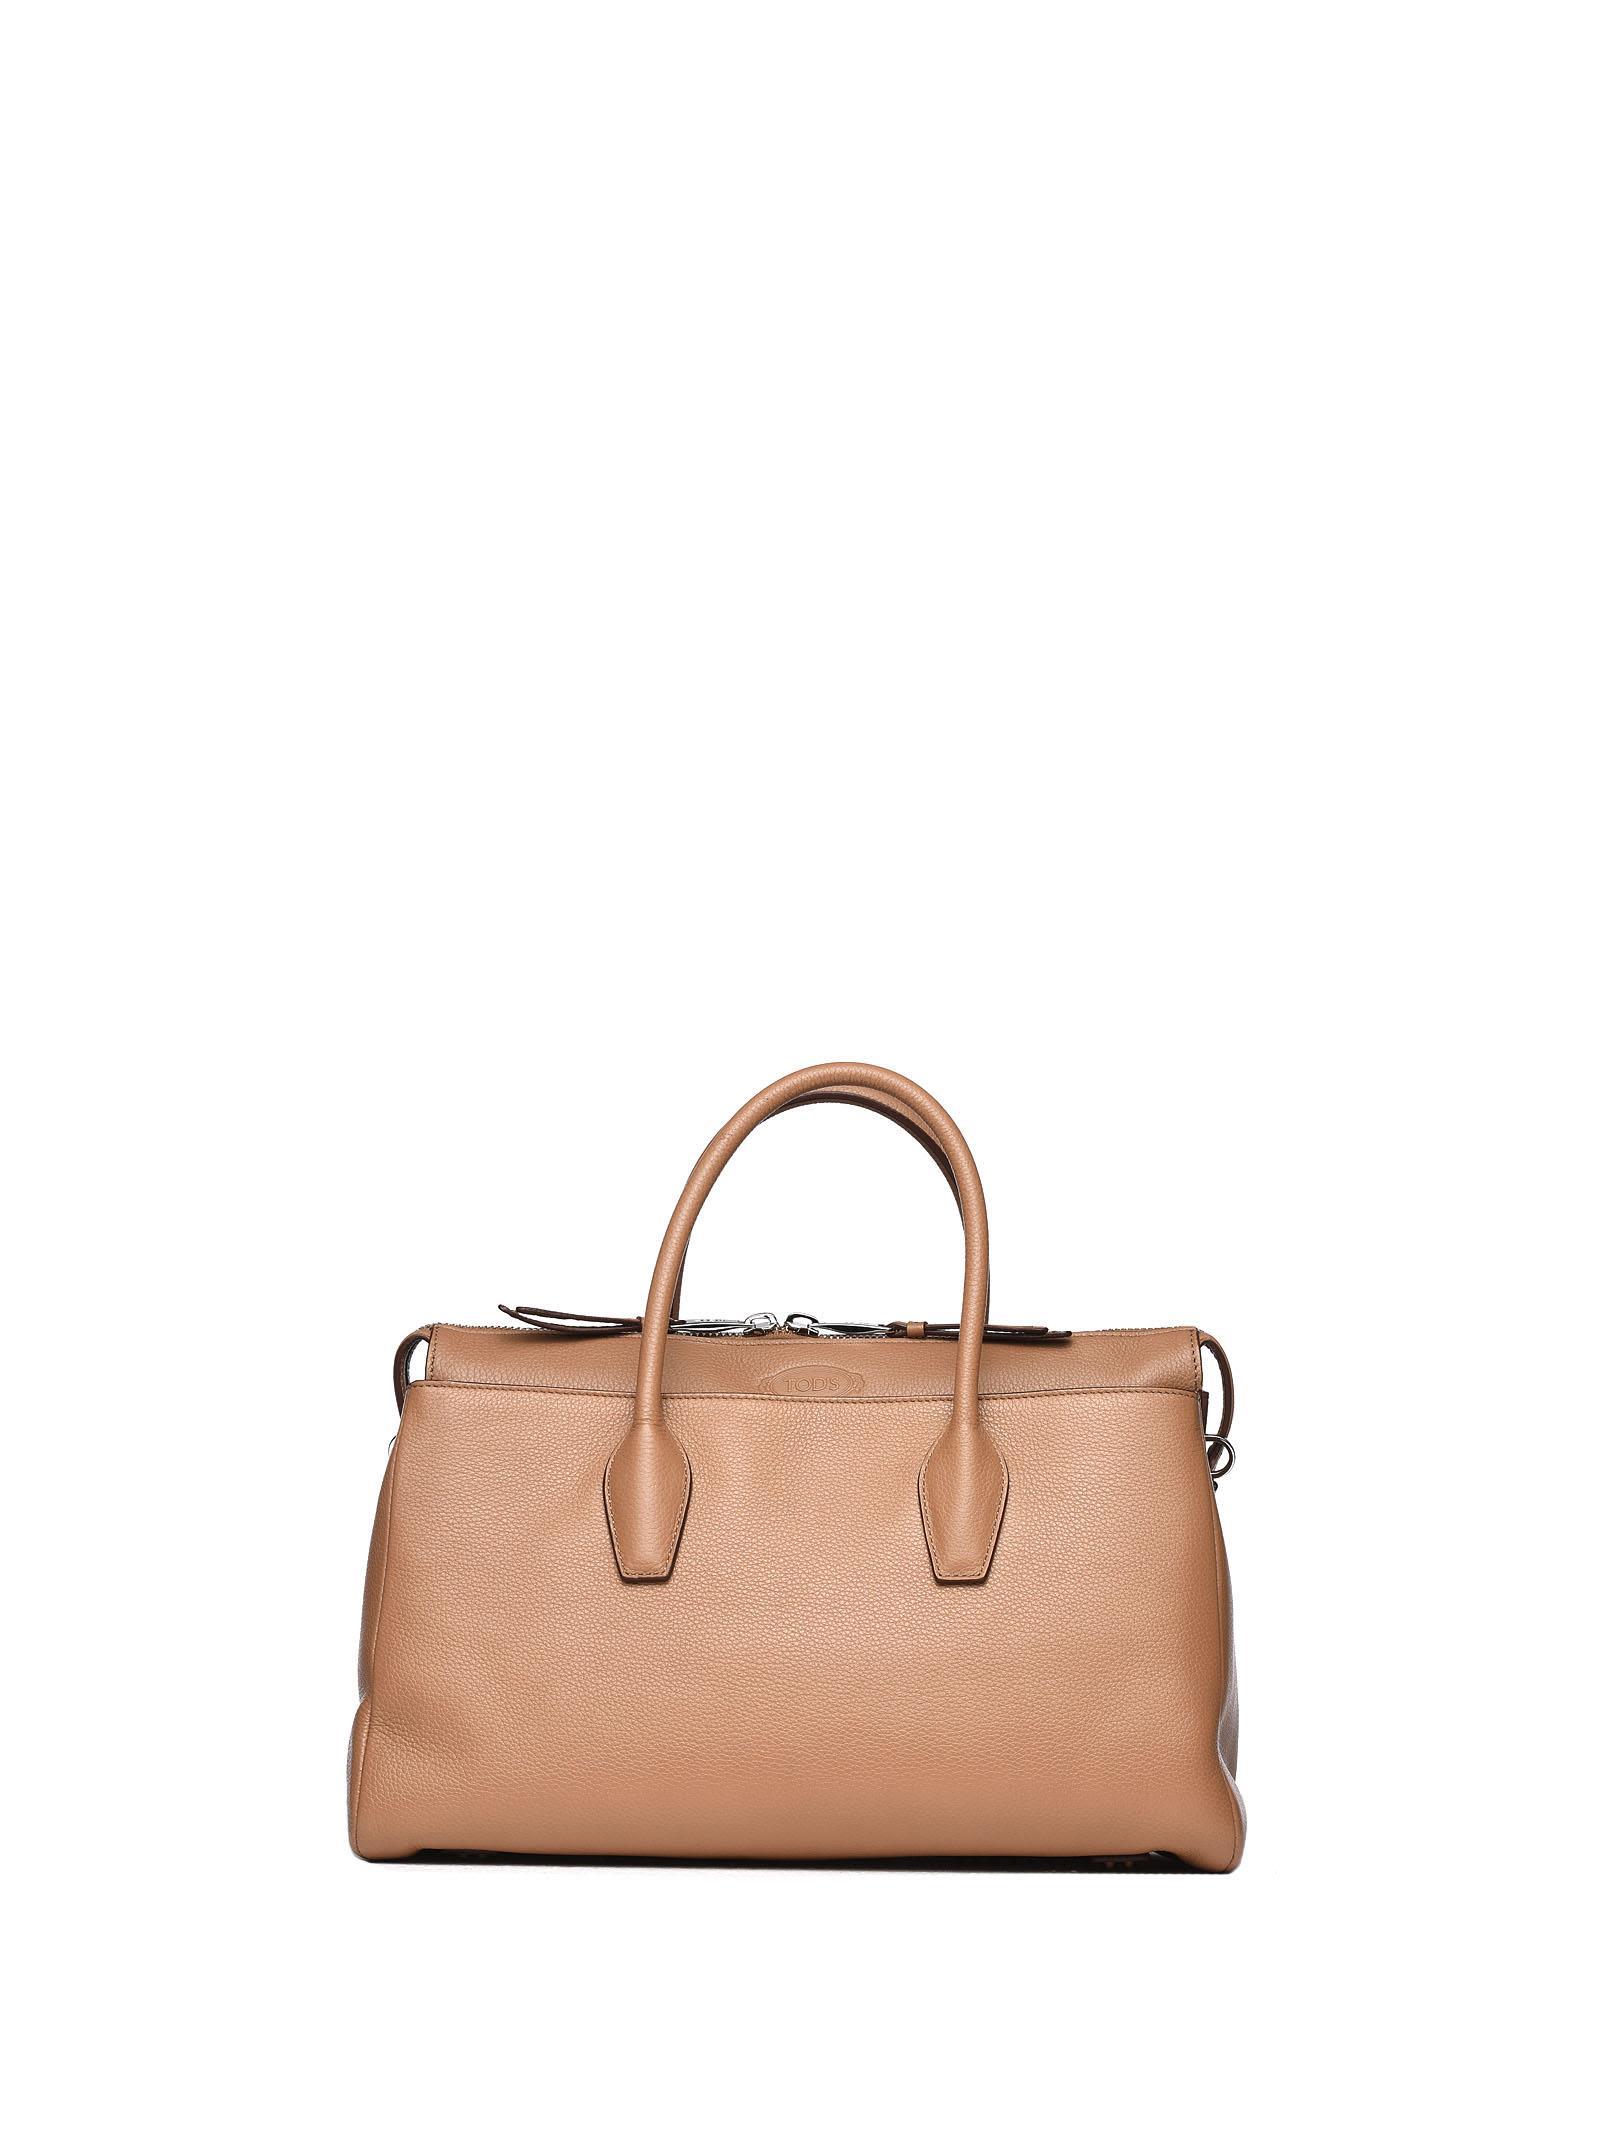 Tote Bag With Strap In Tobacco Brown Leather in Tabacco E Mattone